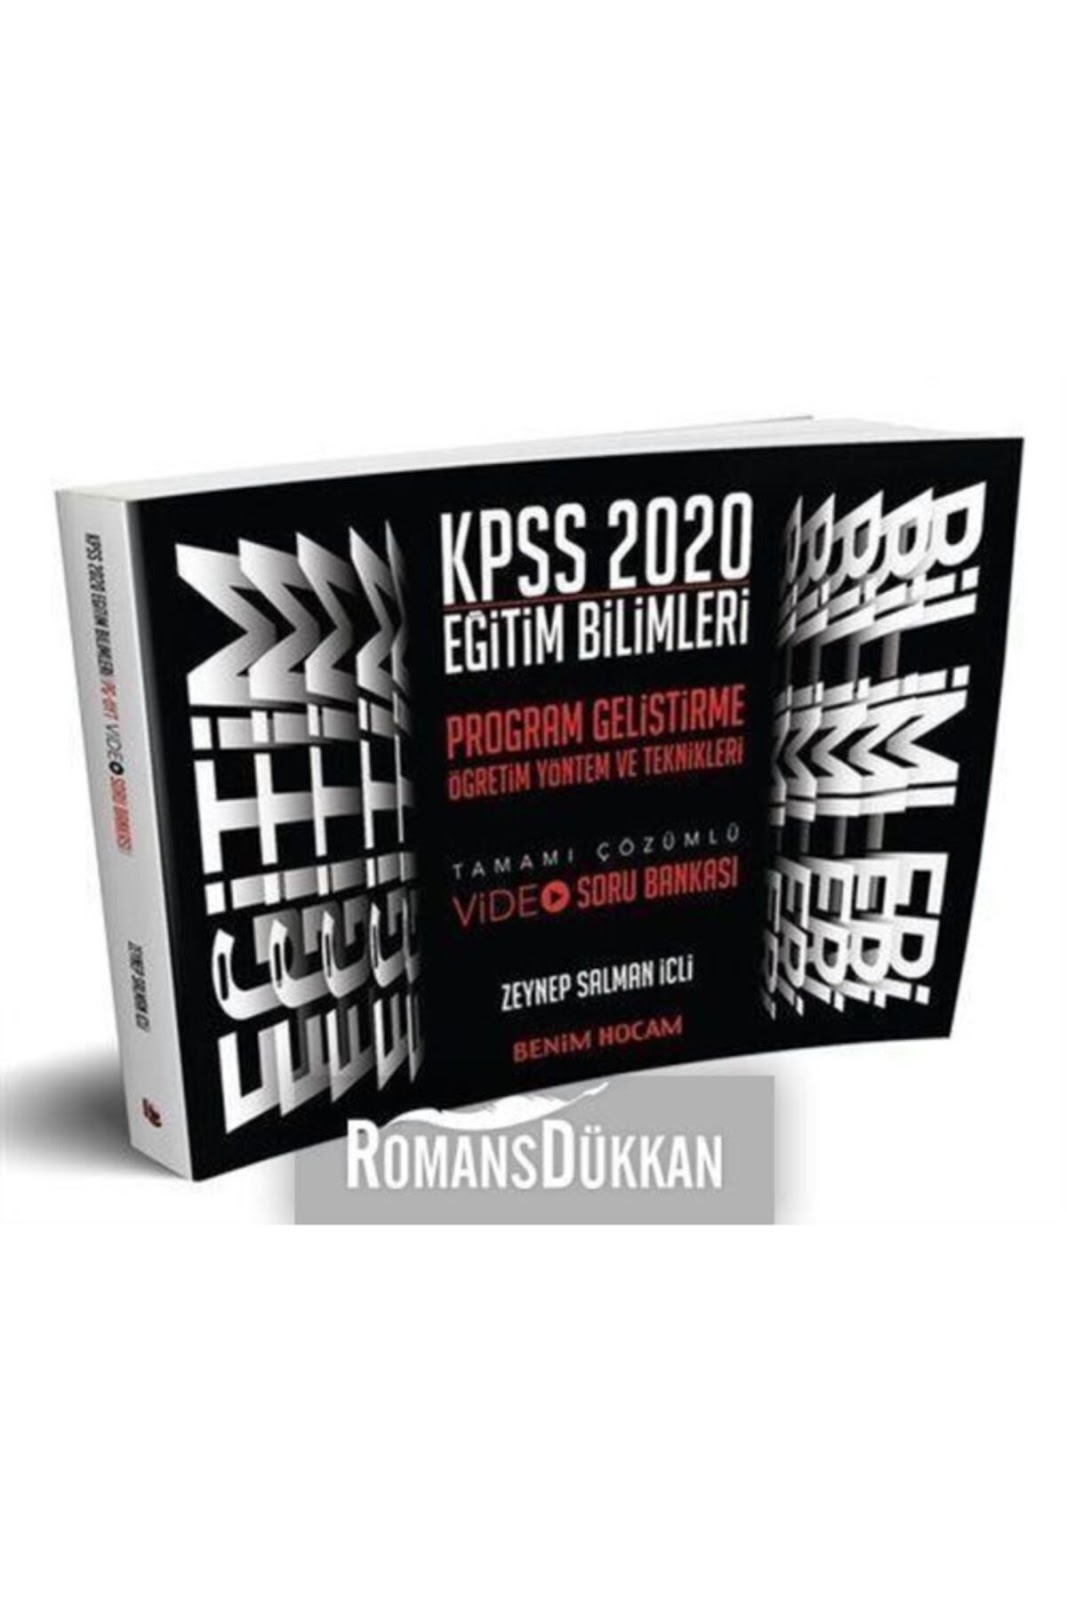 Benim Hocam - Eğitim Bilimleri - Program Geliştirme ÖYT 2020 Soru Bankası